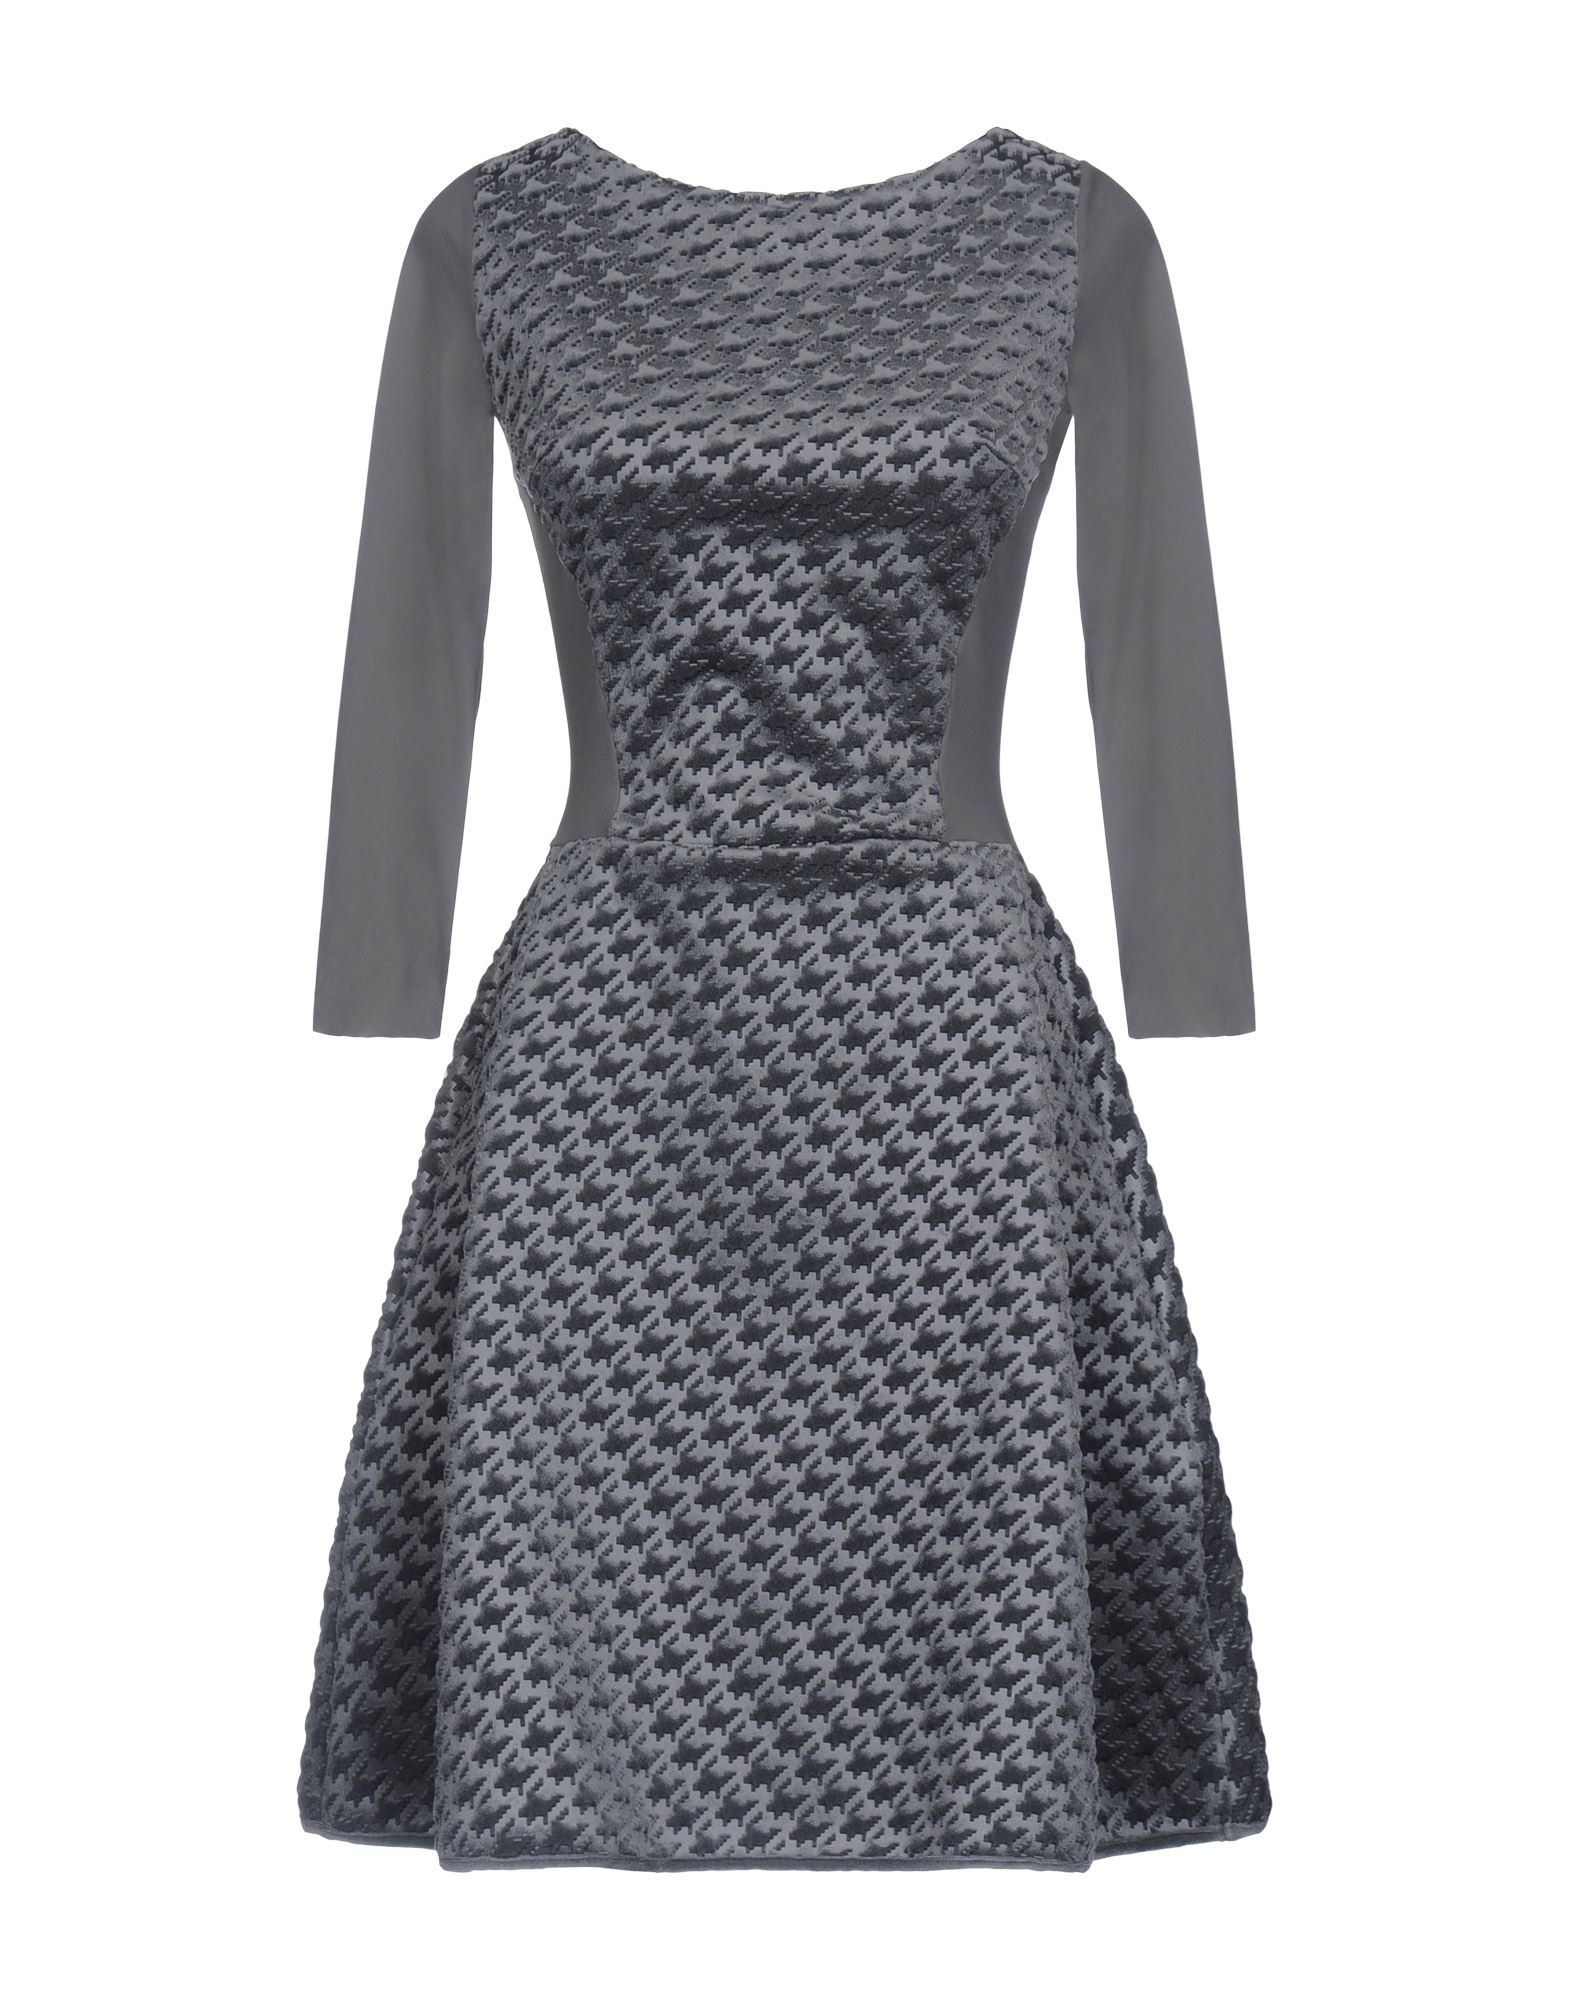 CHIARA BONI LA PETITE ROBE Короткое платье chiara boni la petite robe футболка